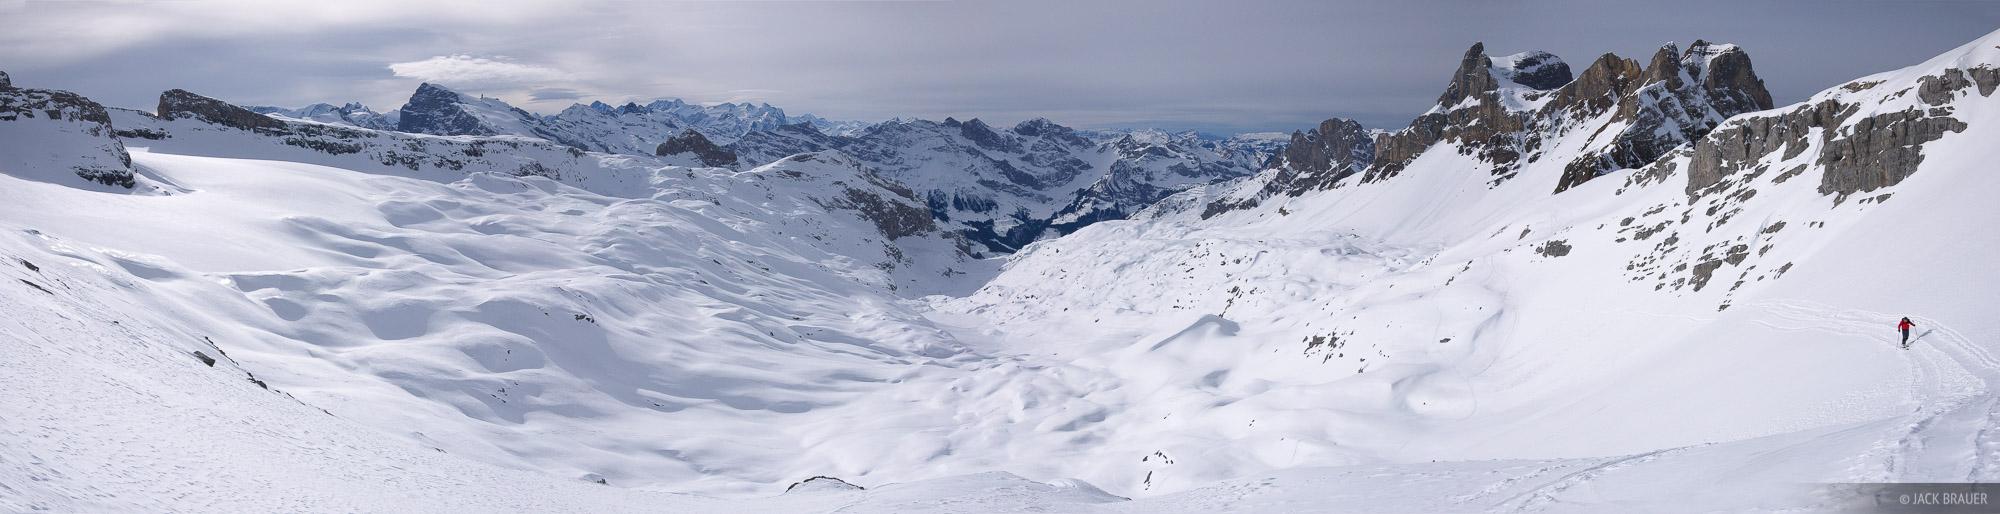 Griessental, panorama, Engelberg, Switzerland, glacier, Ruchstock, photo